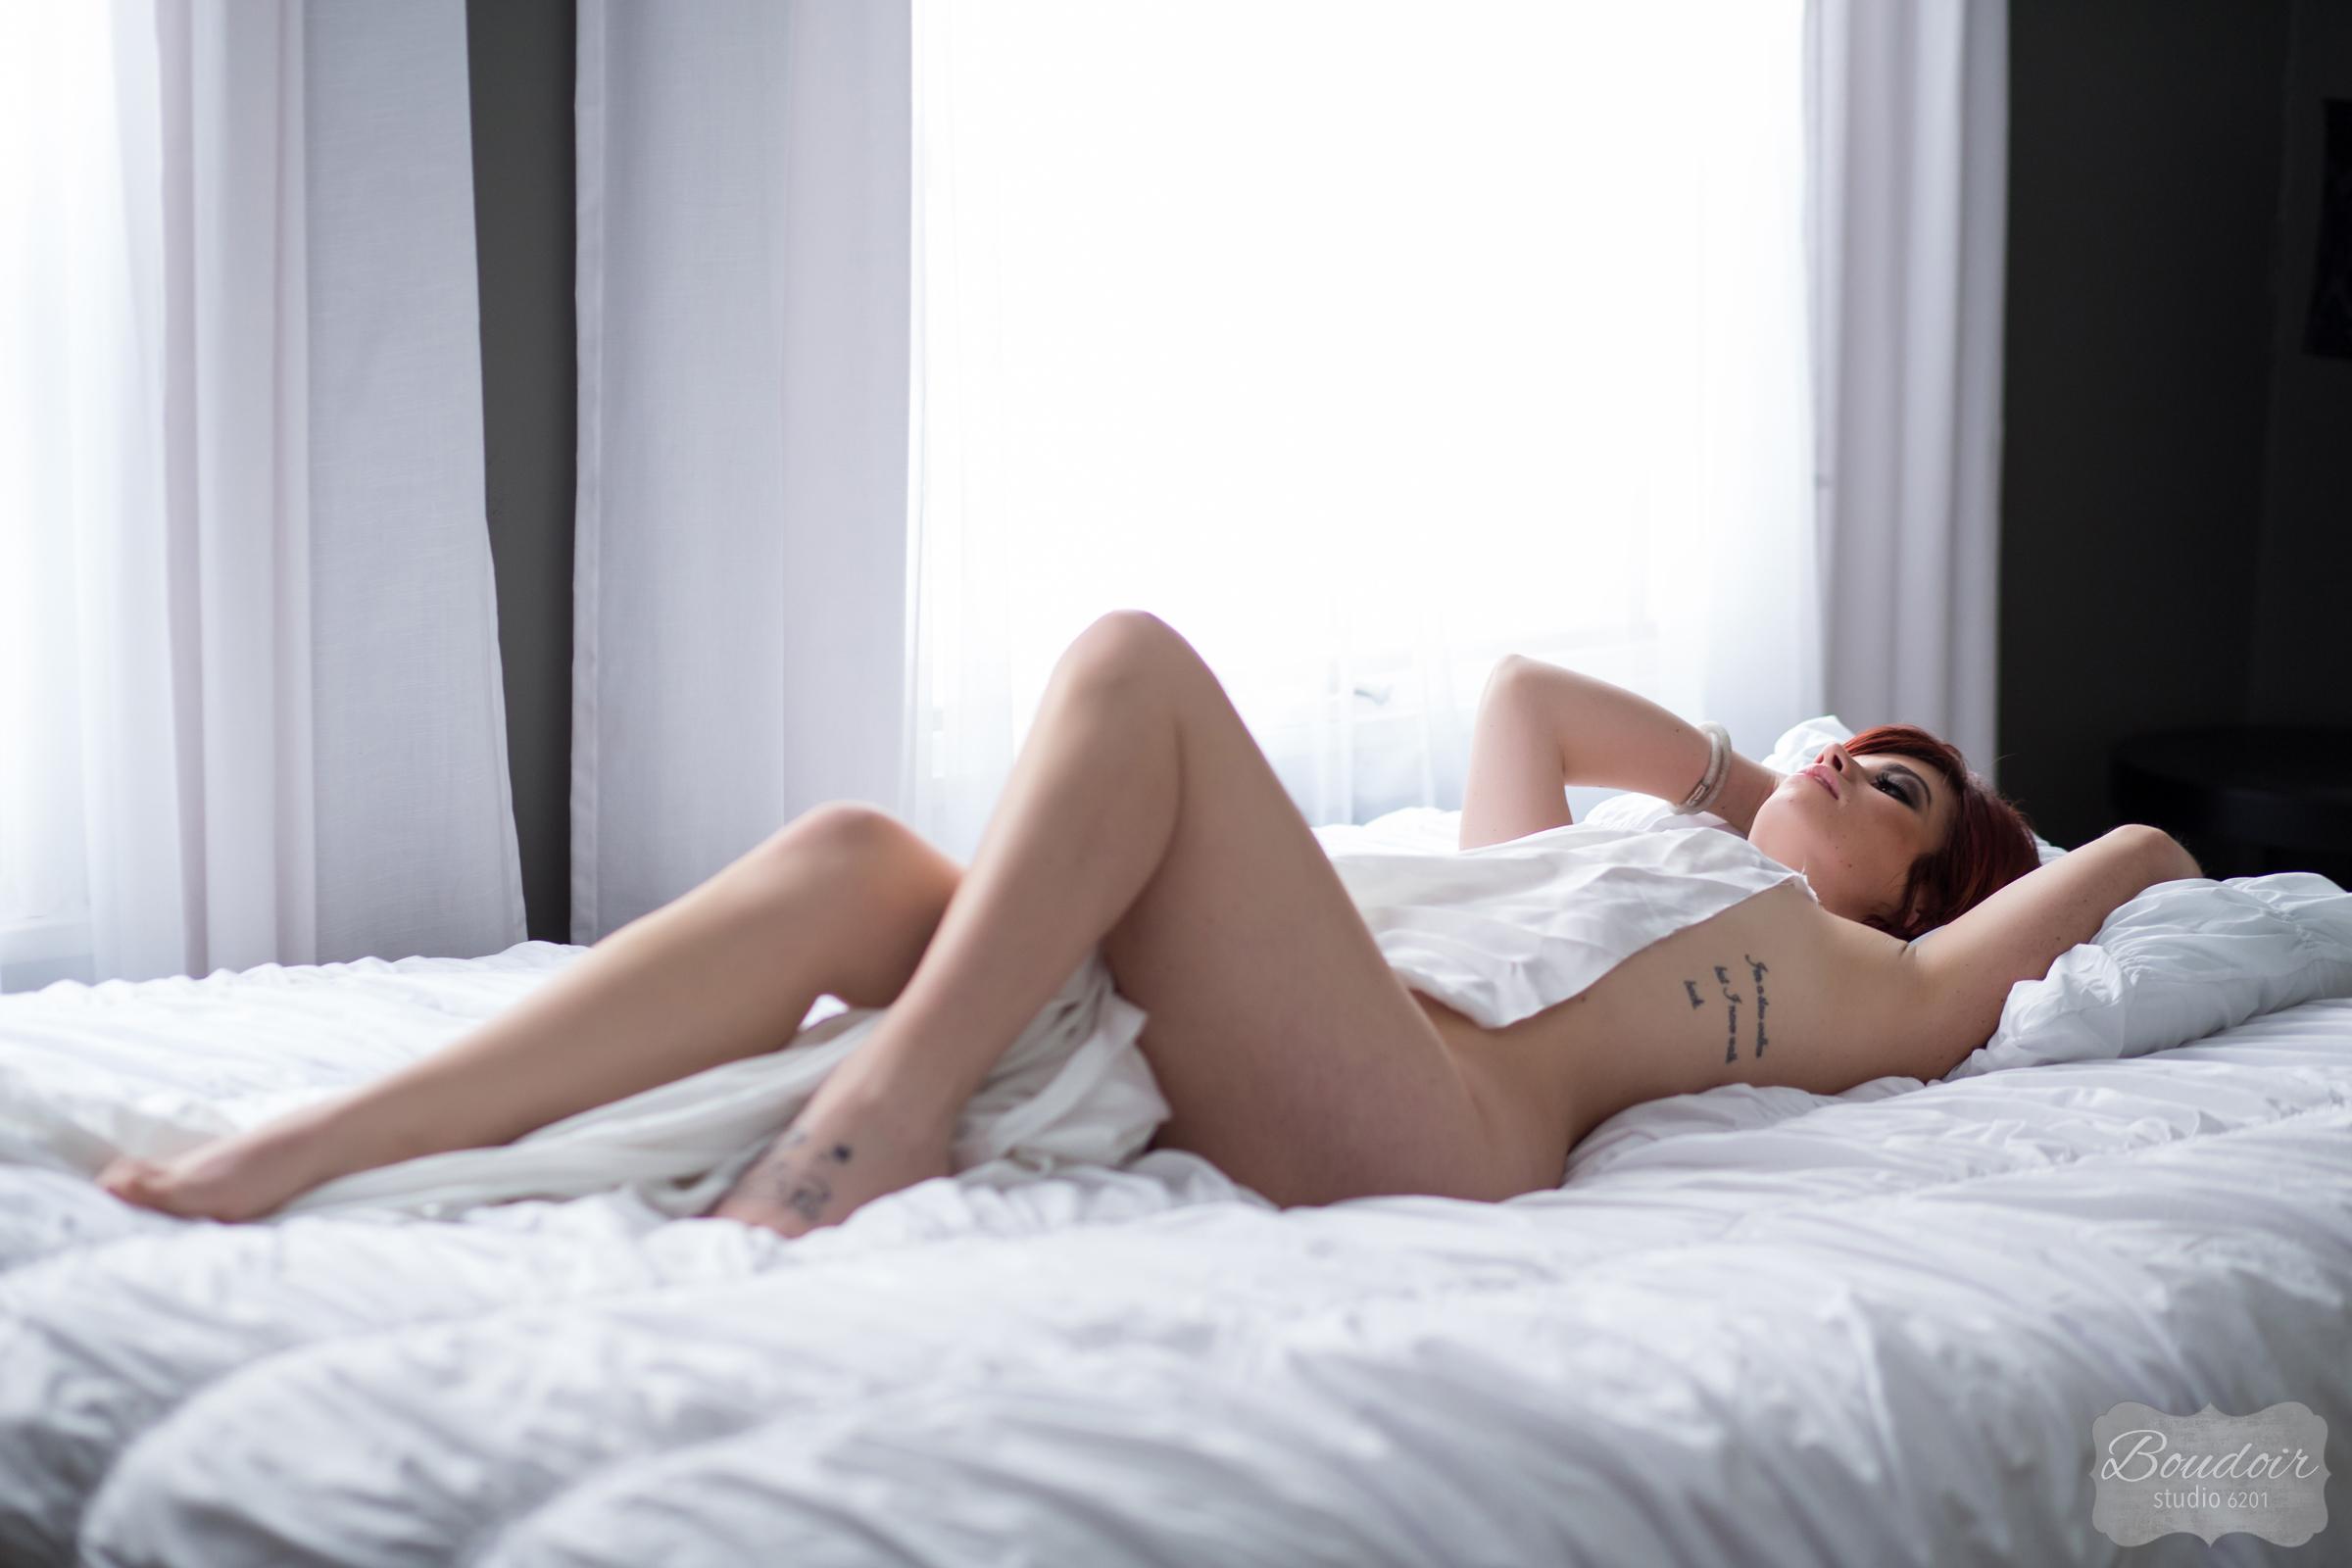 boudoir-studio-6201-summer-in-the-sheets056.jpg